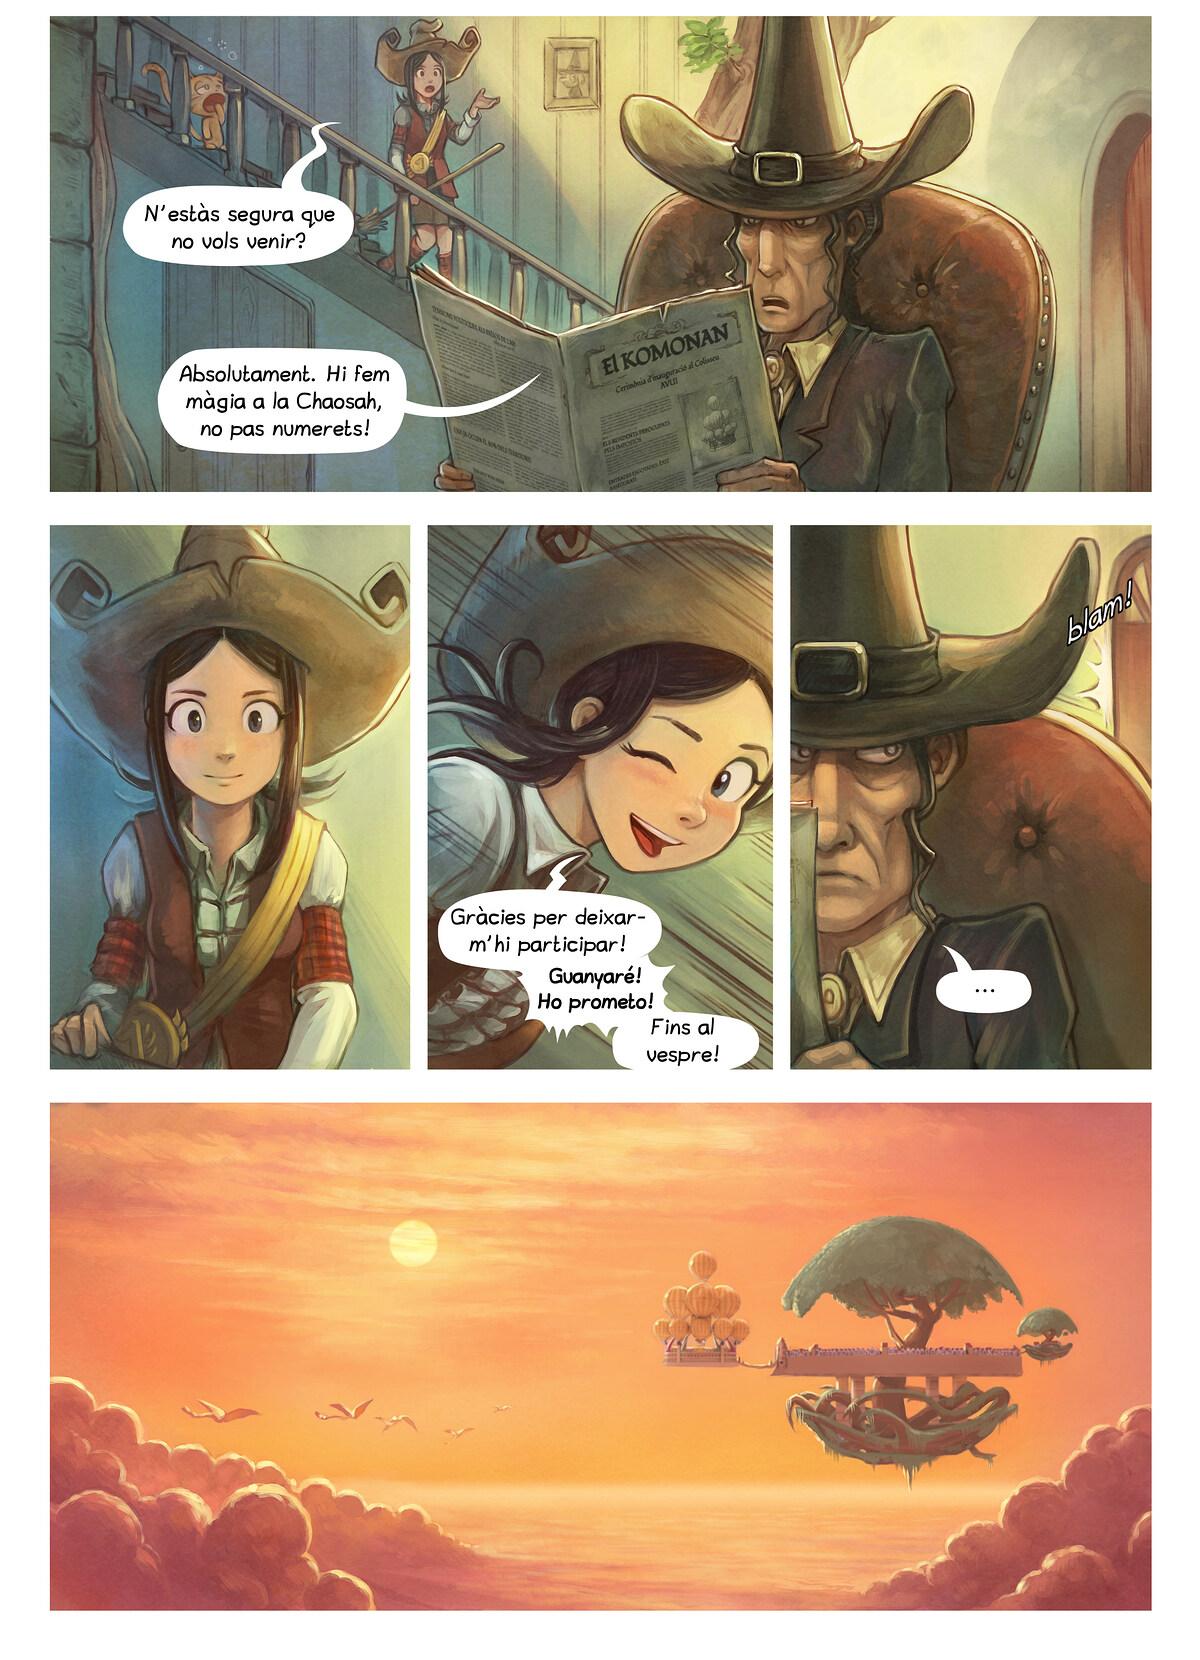 A webcomic page of Pepper&Carrot, episodi 21 [ca], pàgina 2